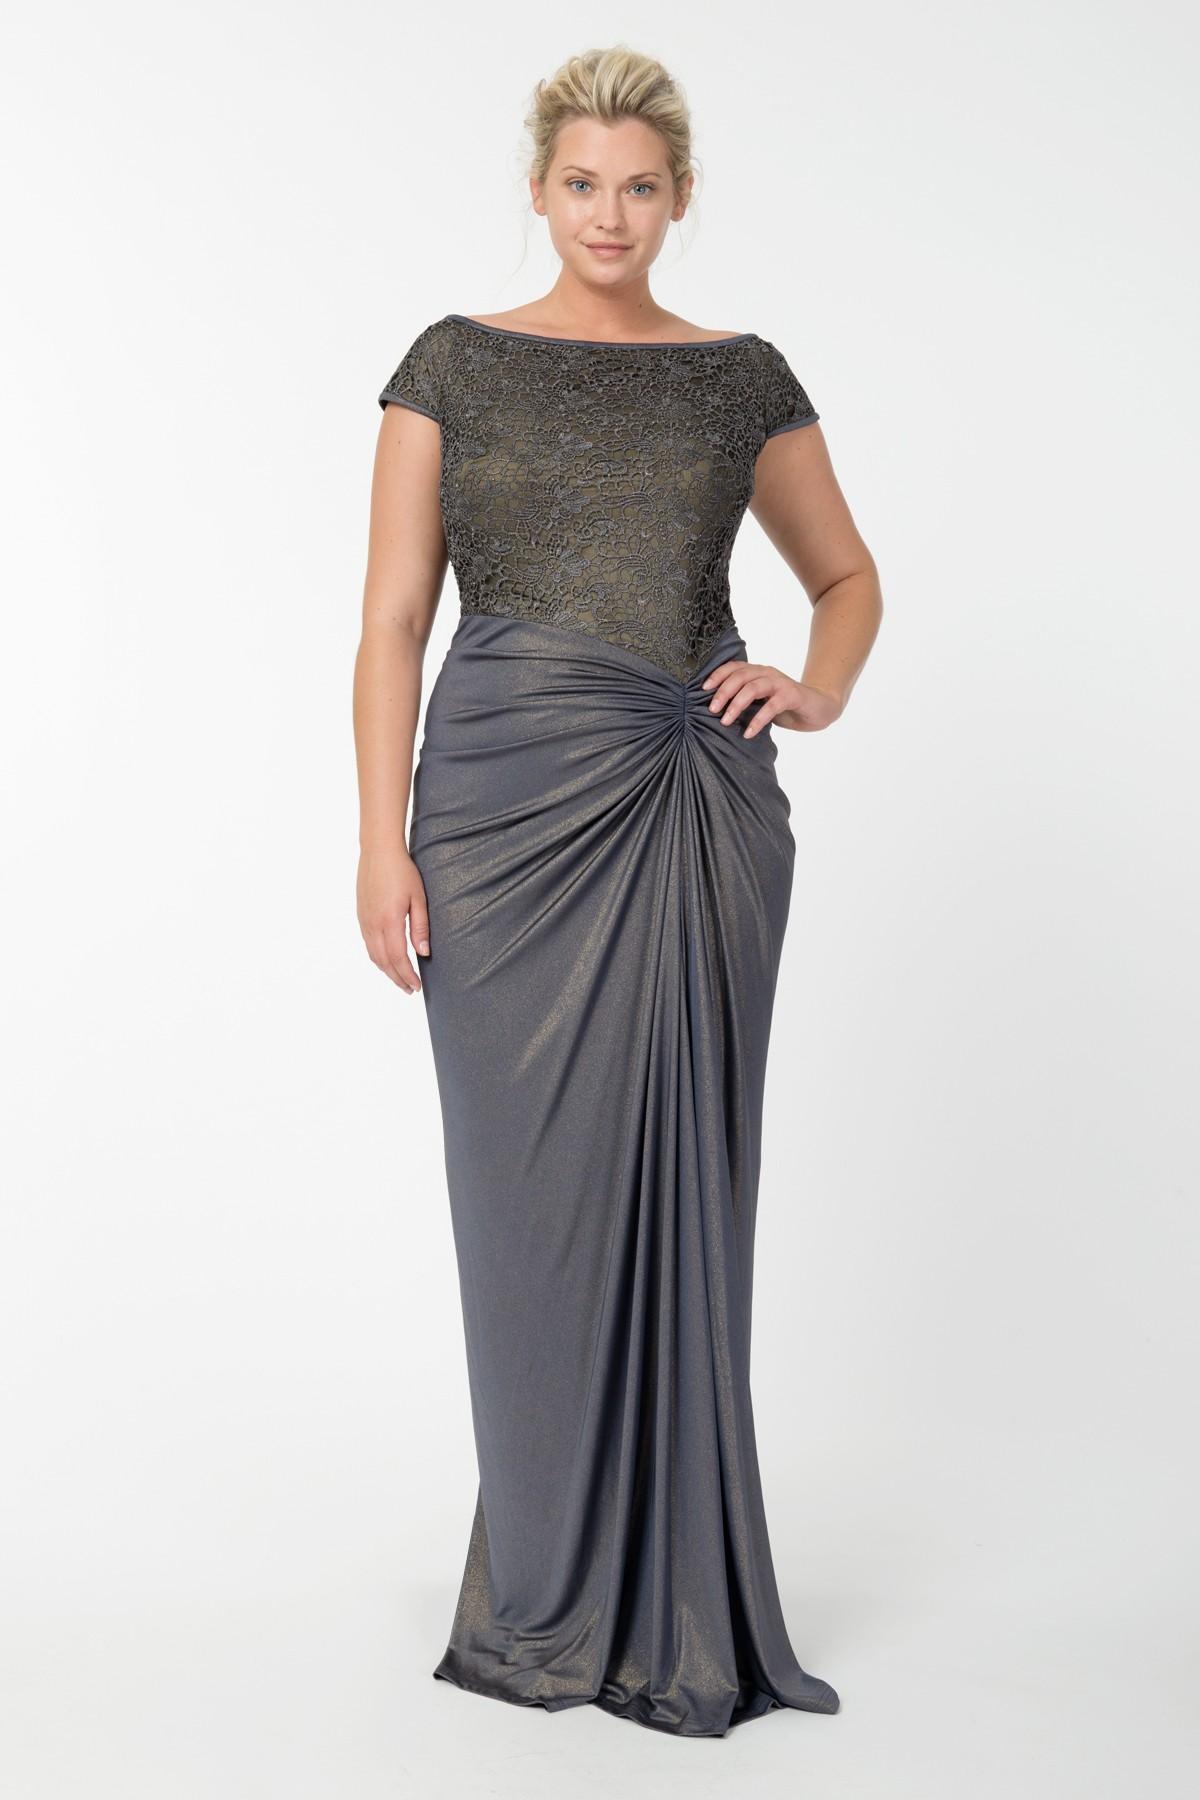 Büyük beden güpürlü gece kıyafeti önerisi - Kokteyl Elbiseleri elbise Büyük Beden Kokteyl büyük beden elbise büyük beden